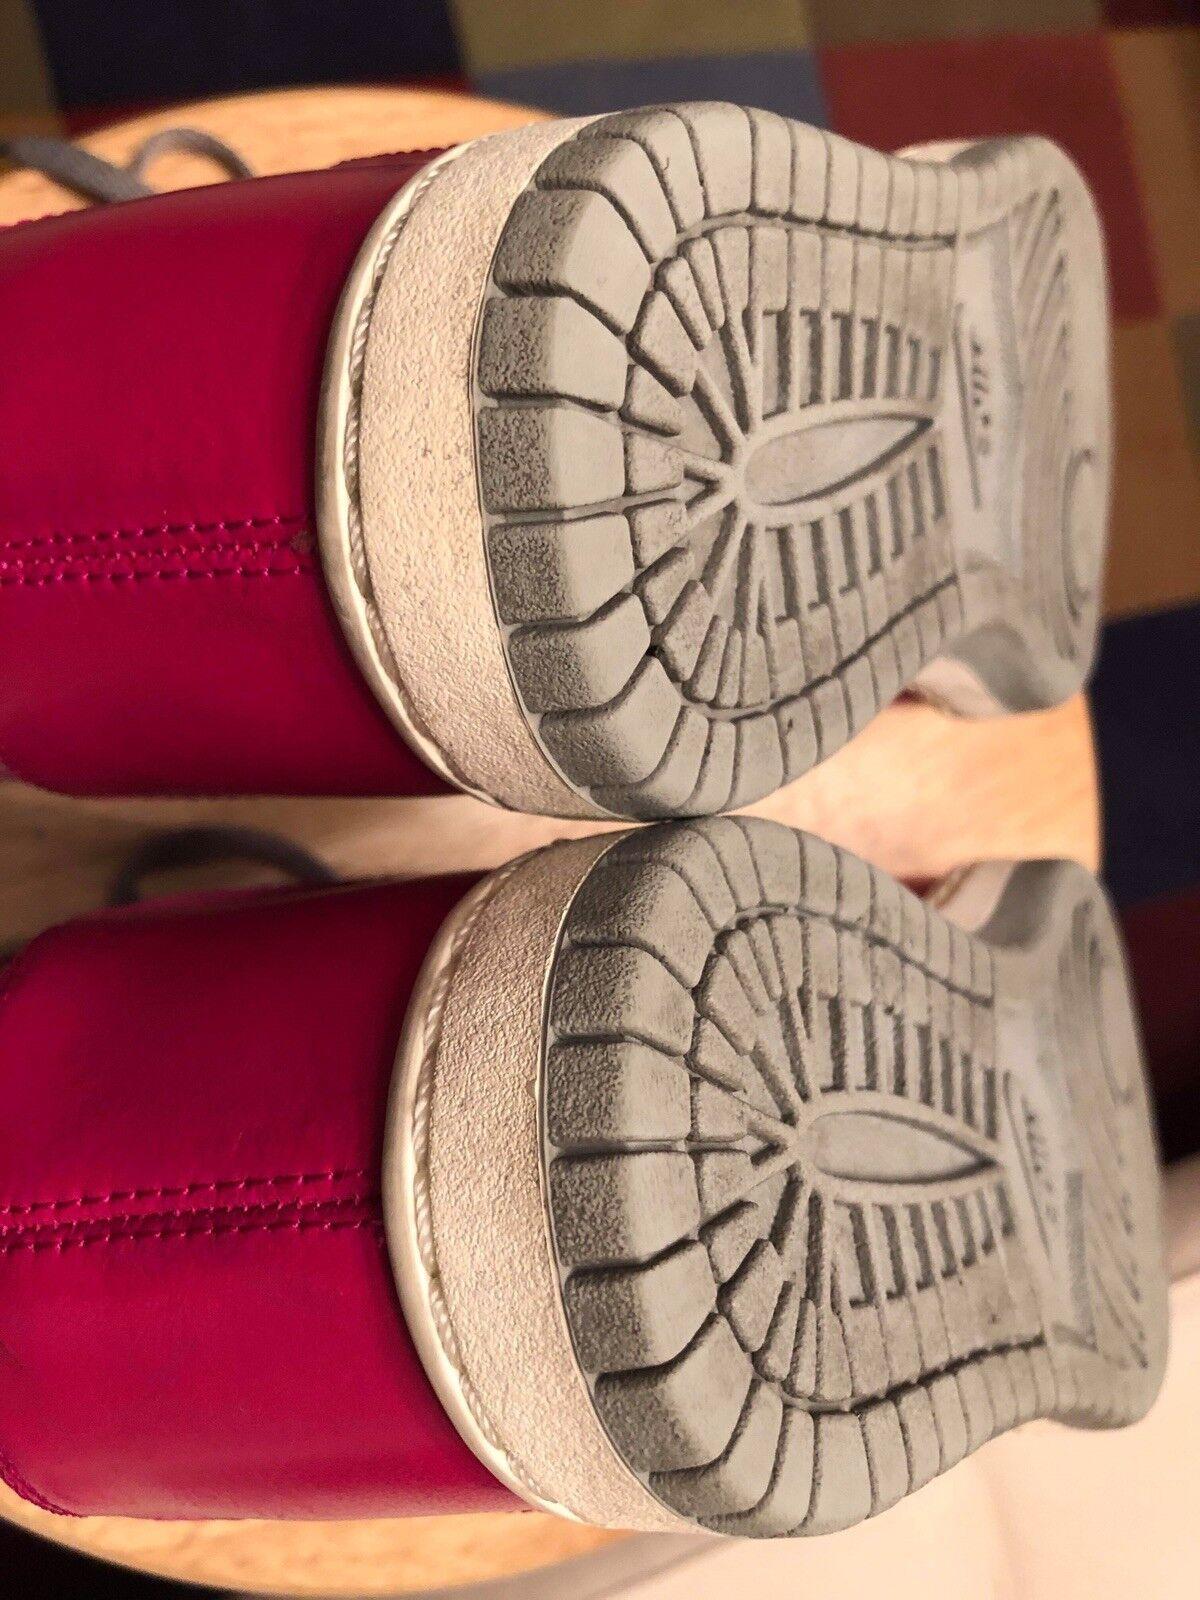 Nike Nike Nike Dunk Sky Hi US9.5 Leather Wedge Sneakers shoes da8f20